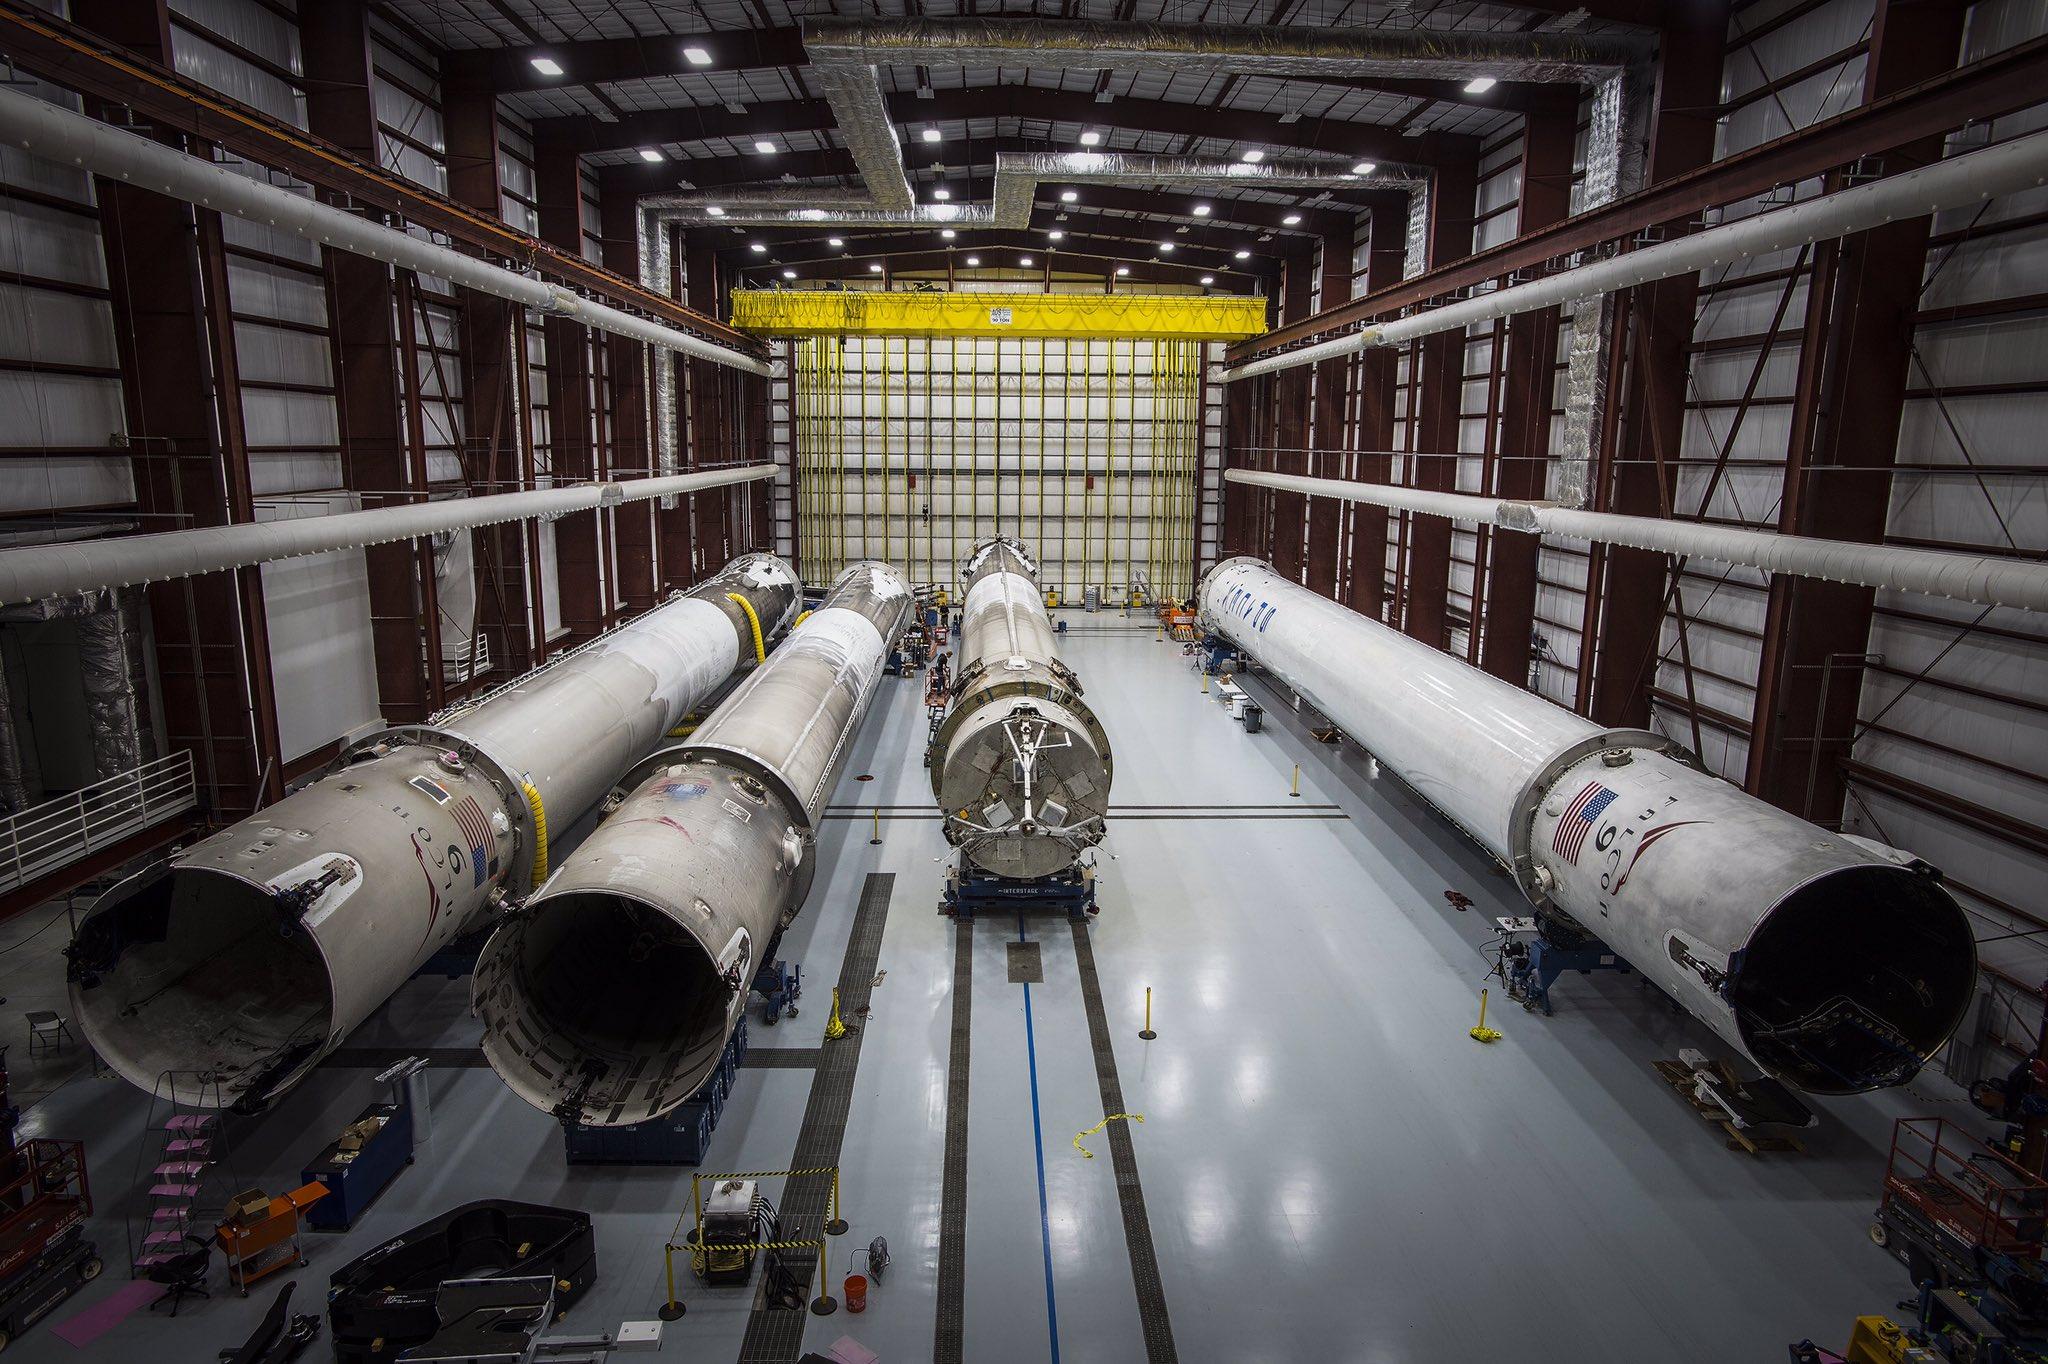 [SpaceX] Actualités et développements de la Falcon 9 et du moteur Merlin - Page 13 CkT0GpCUoAE1L0E